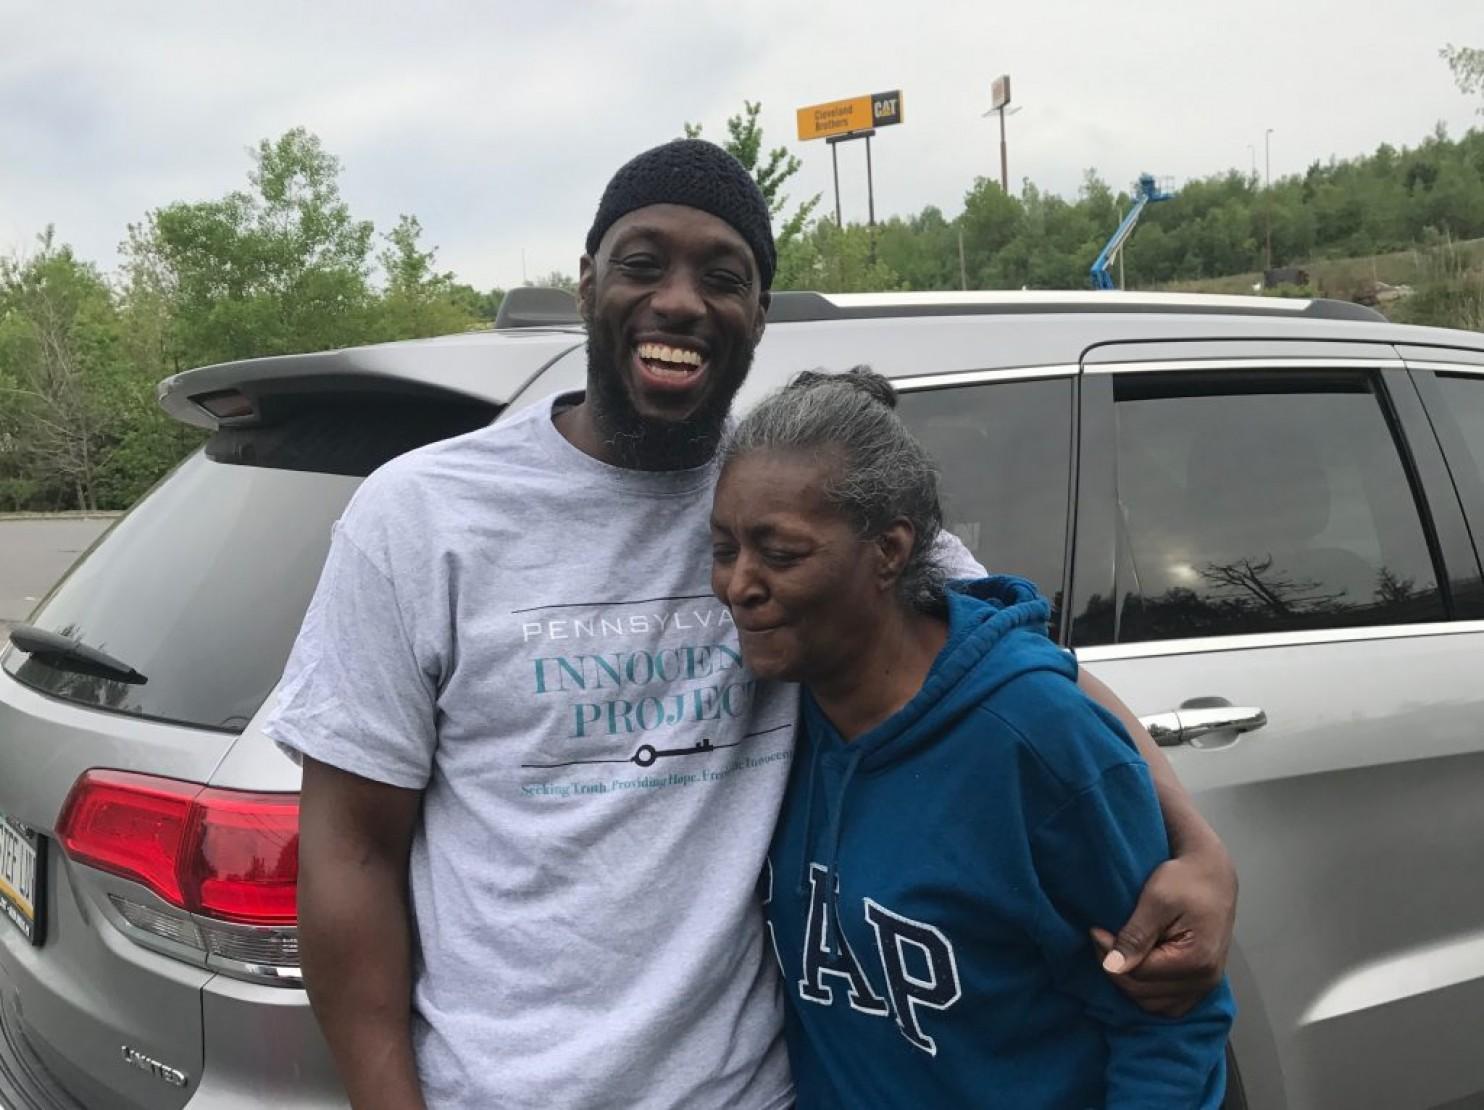 Shaurn Thomas junto a su madre, Hazeline Thomas, luego de su salida de la prisión en Frackville, Filadelfia, después de 24 años en prisión por un crimen que no cometió